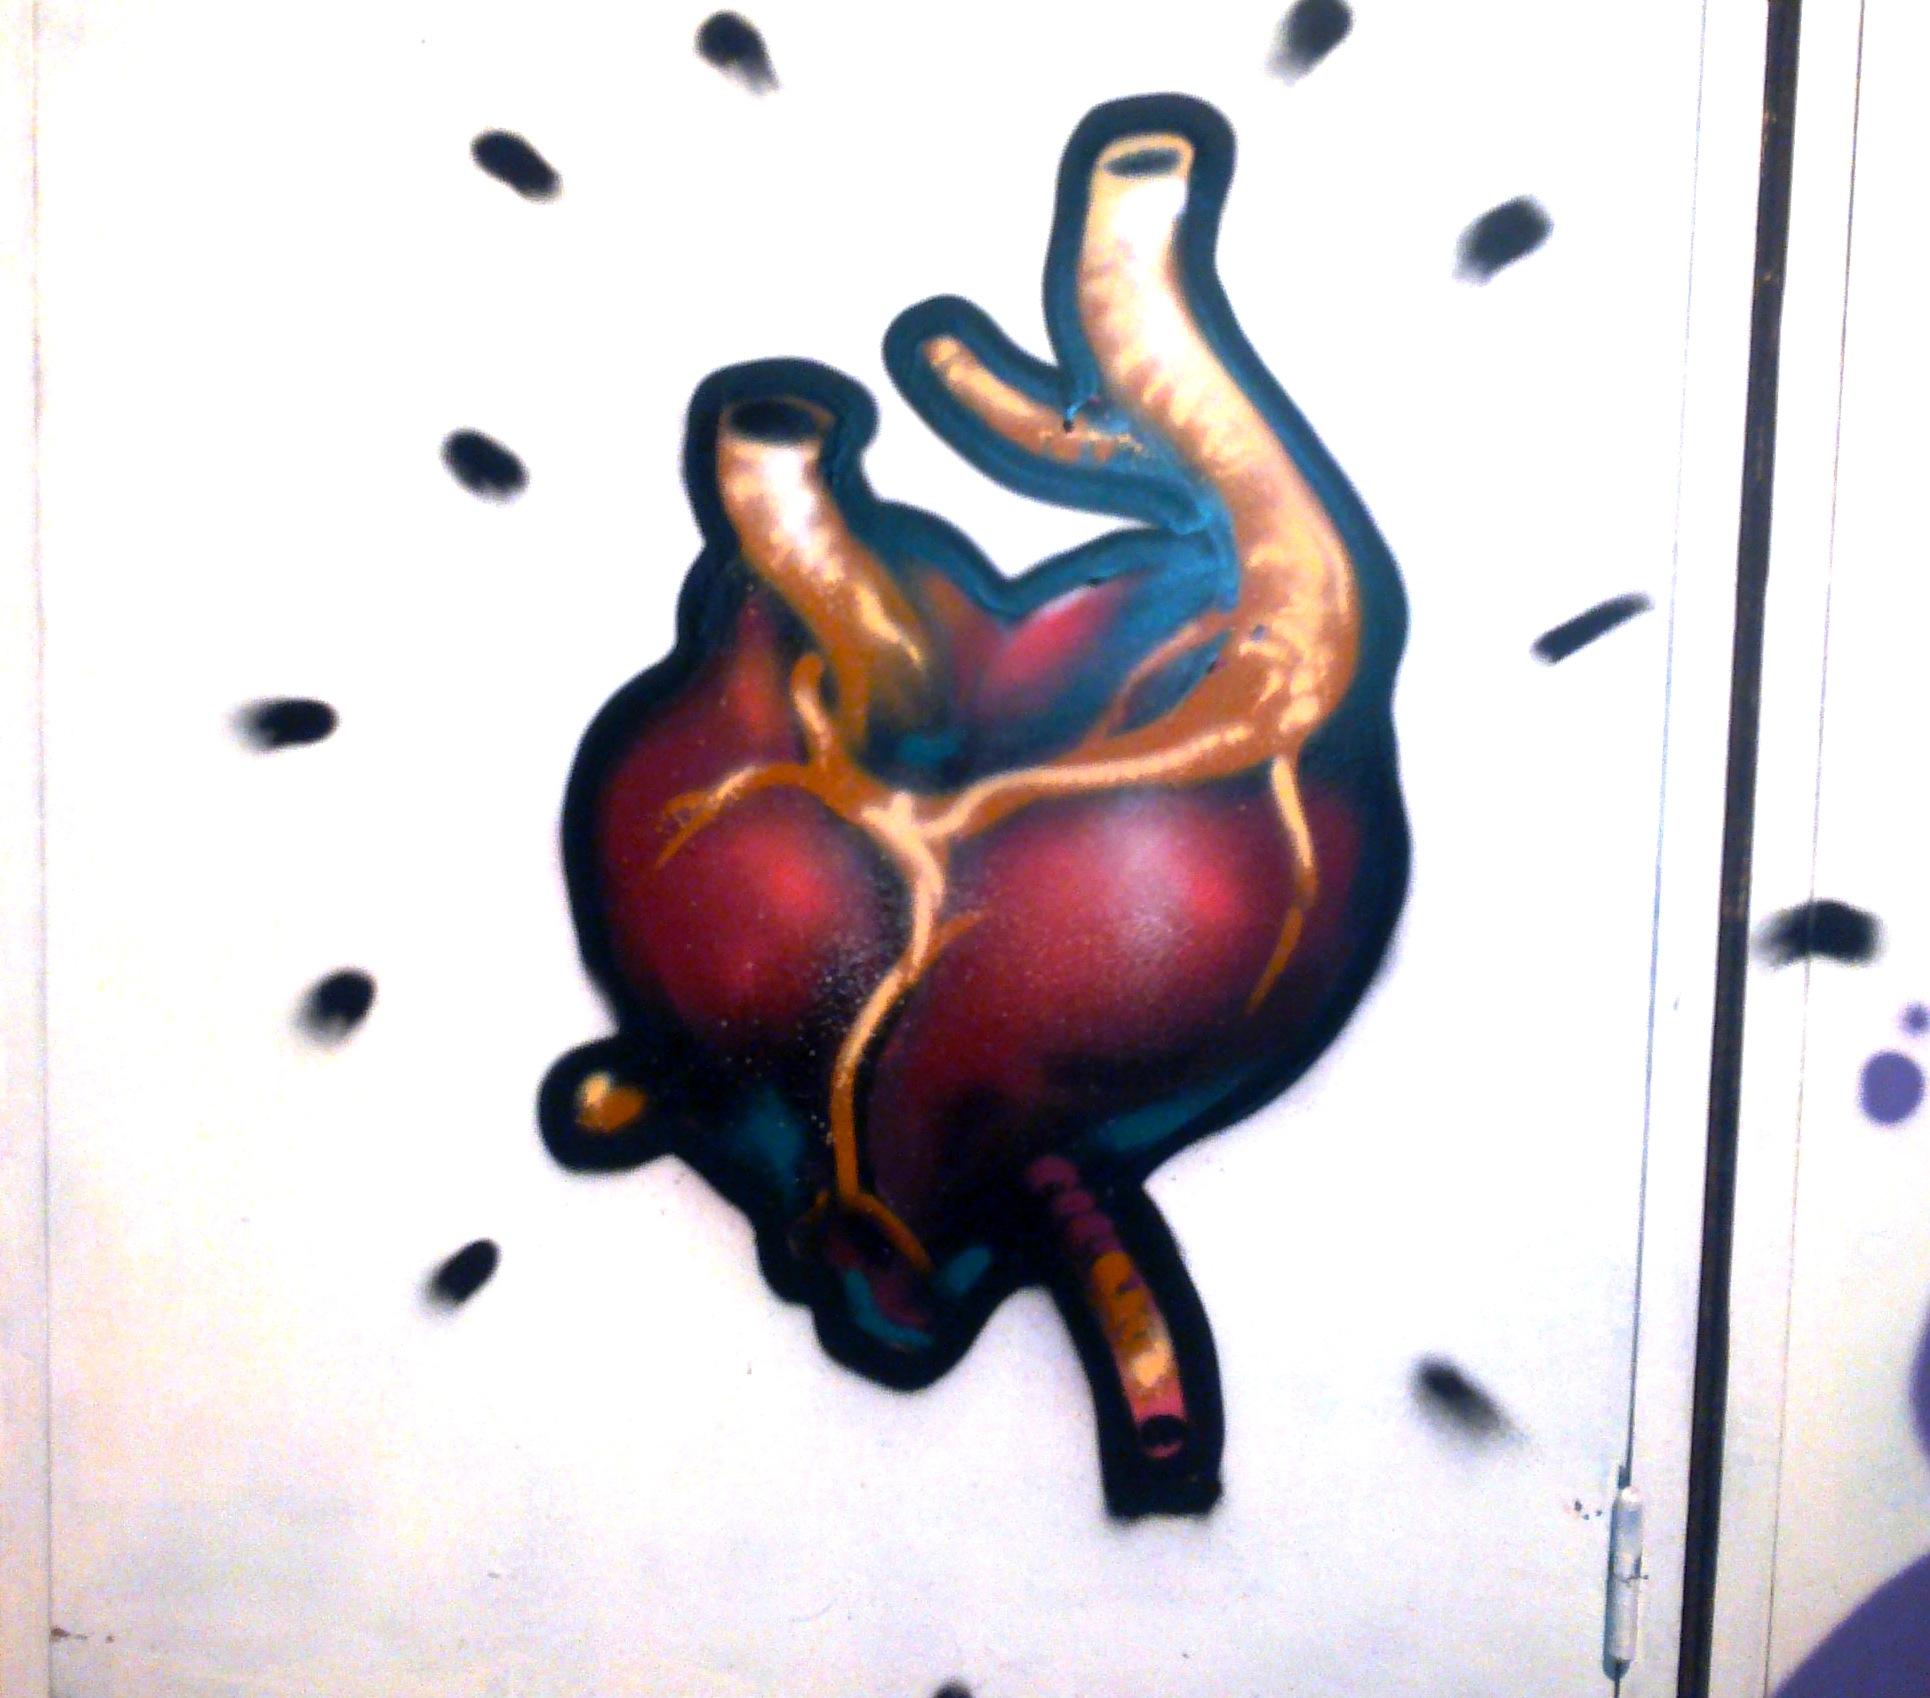 Avril 2011 - Heart